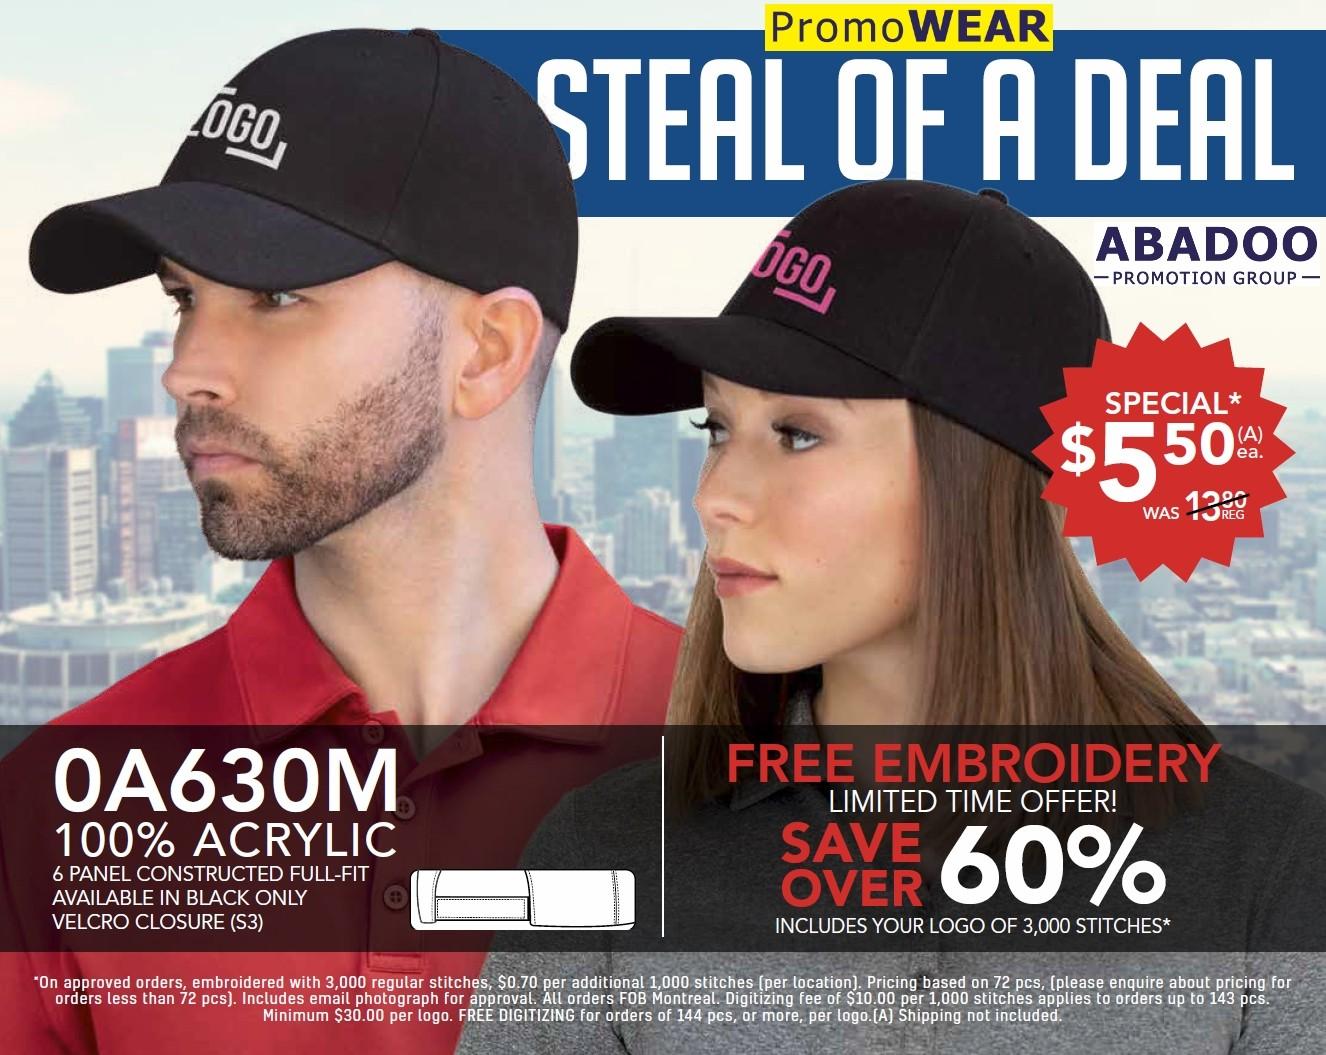 PromoWEAR ABADOO hat special promo